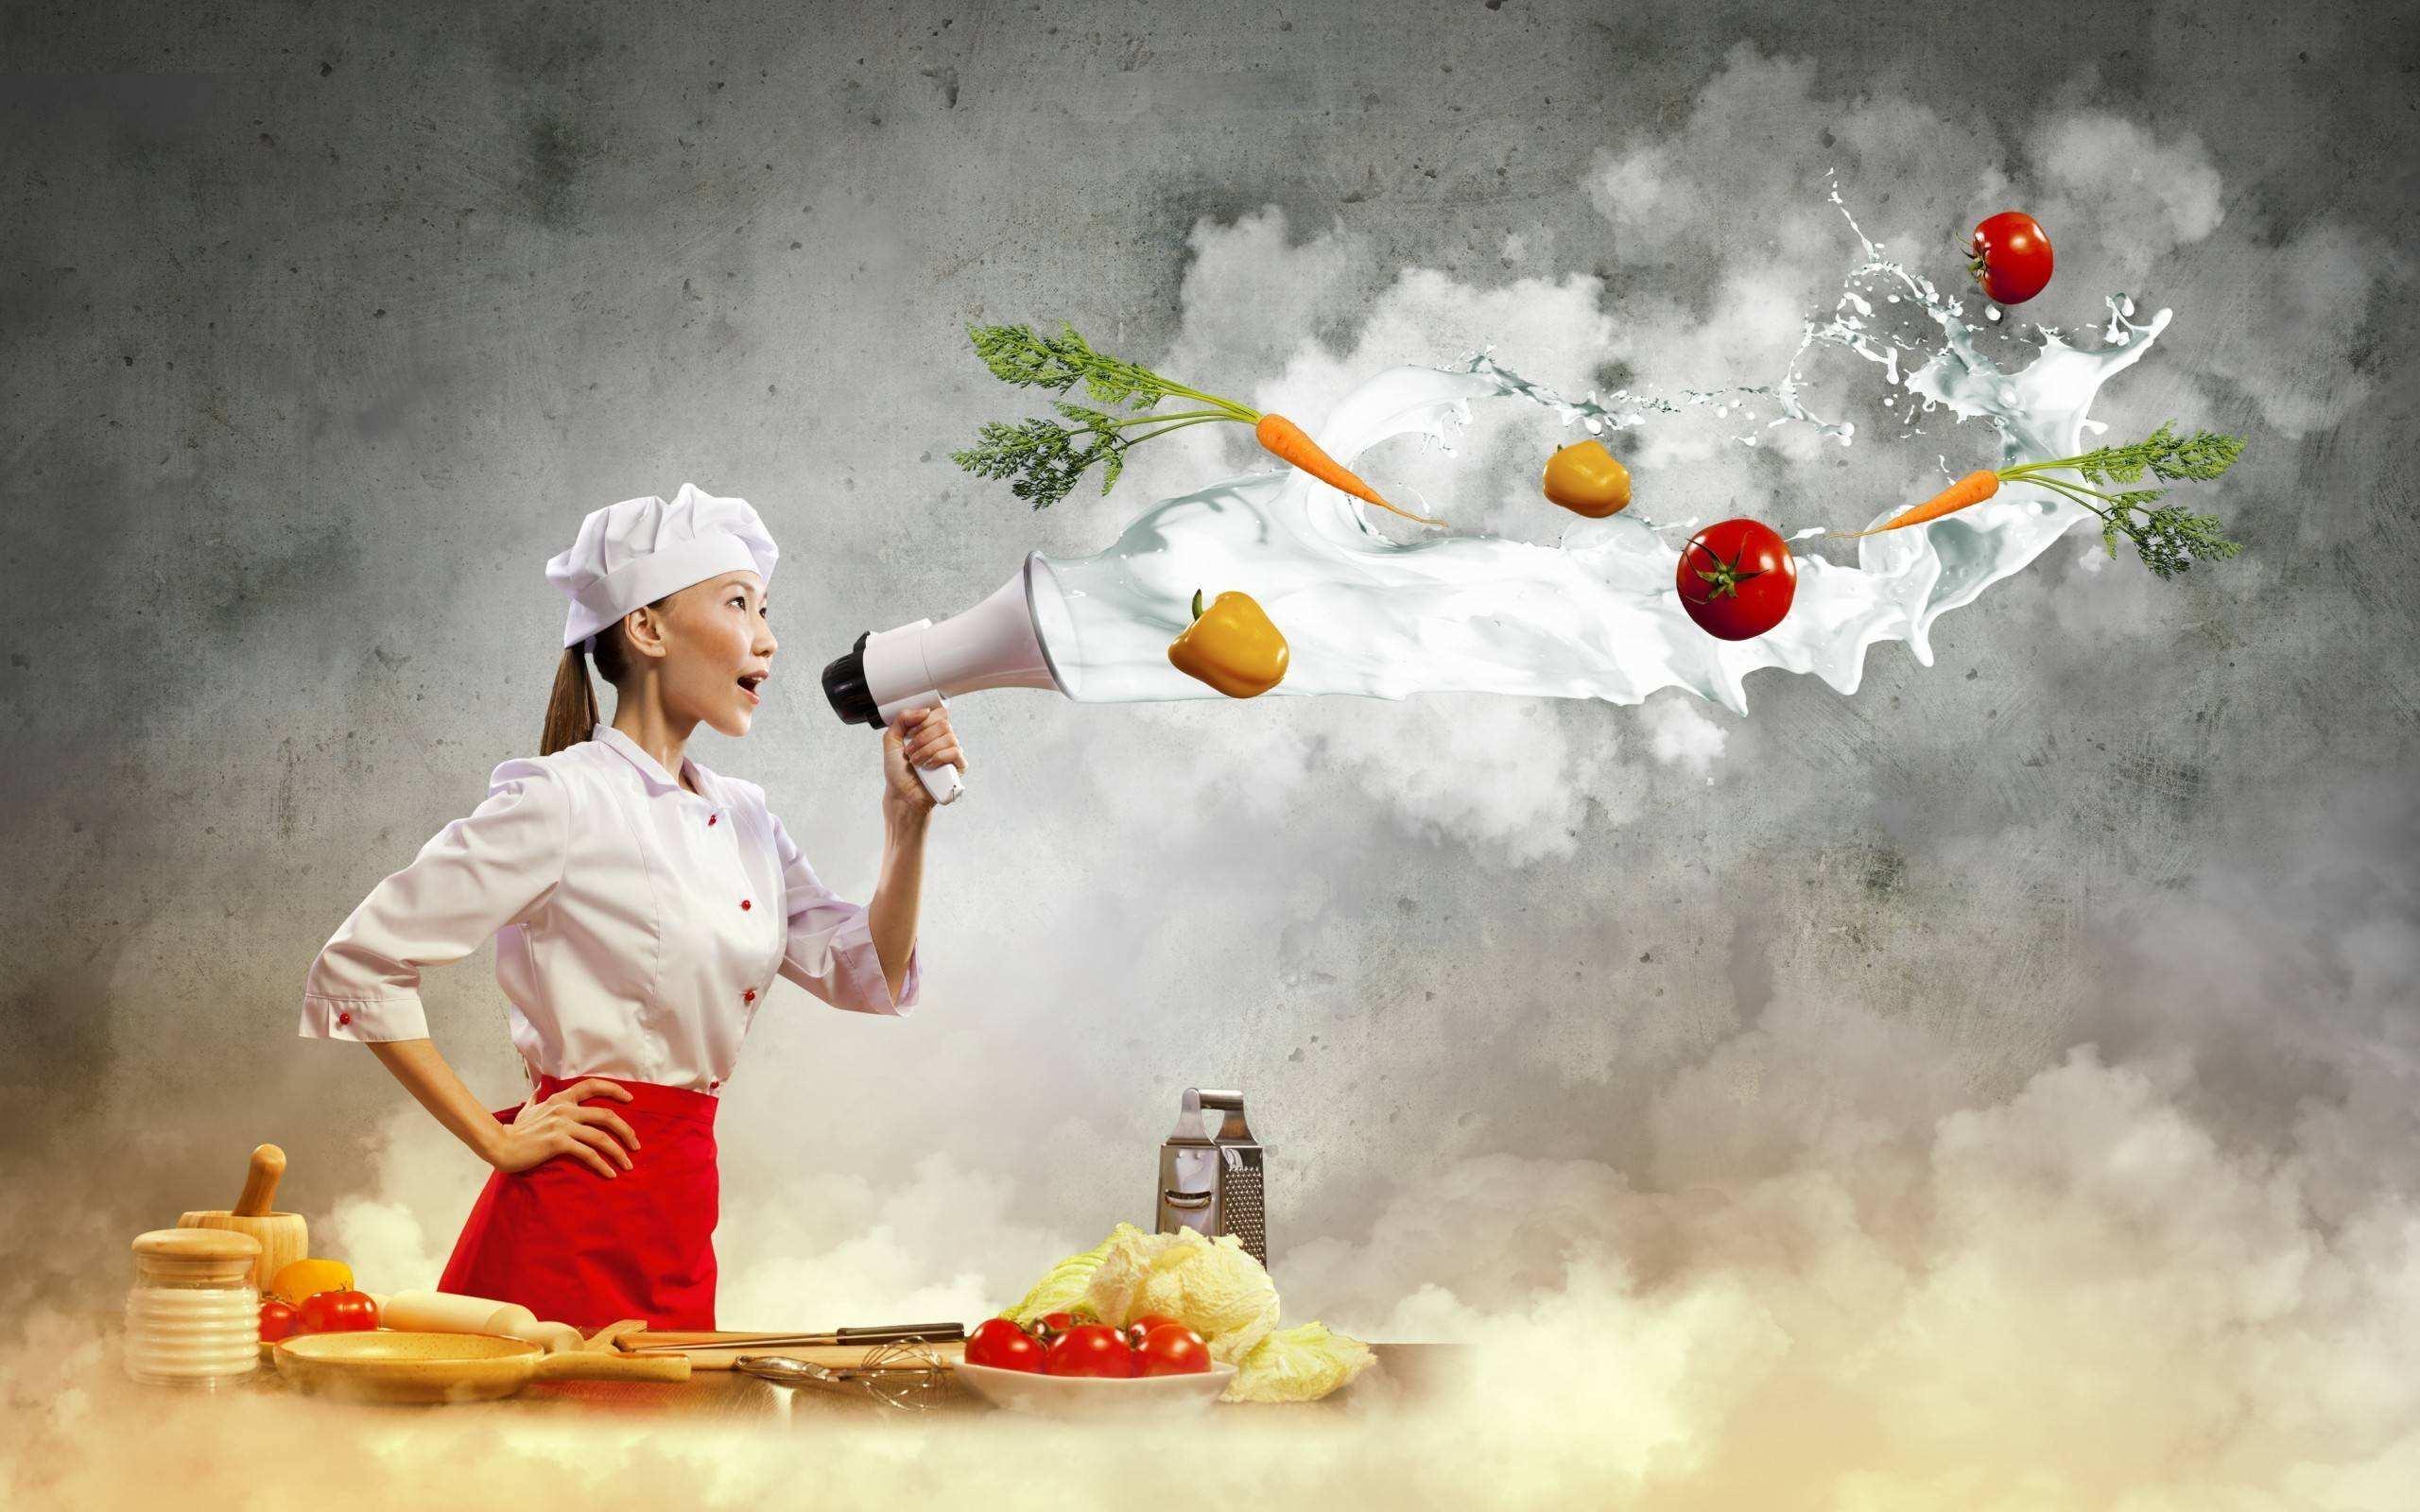 上海普陀注册营养师培训